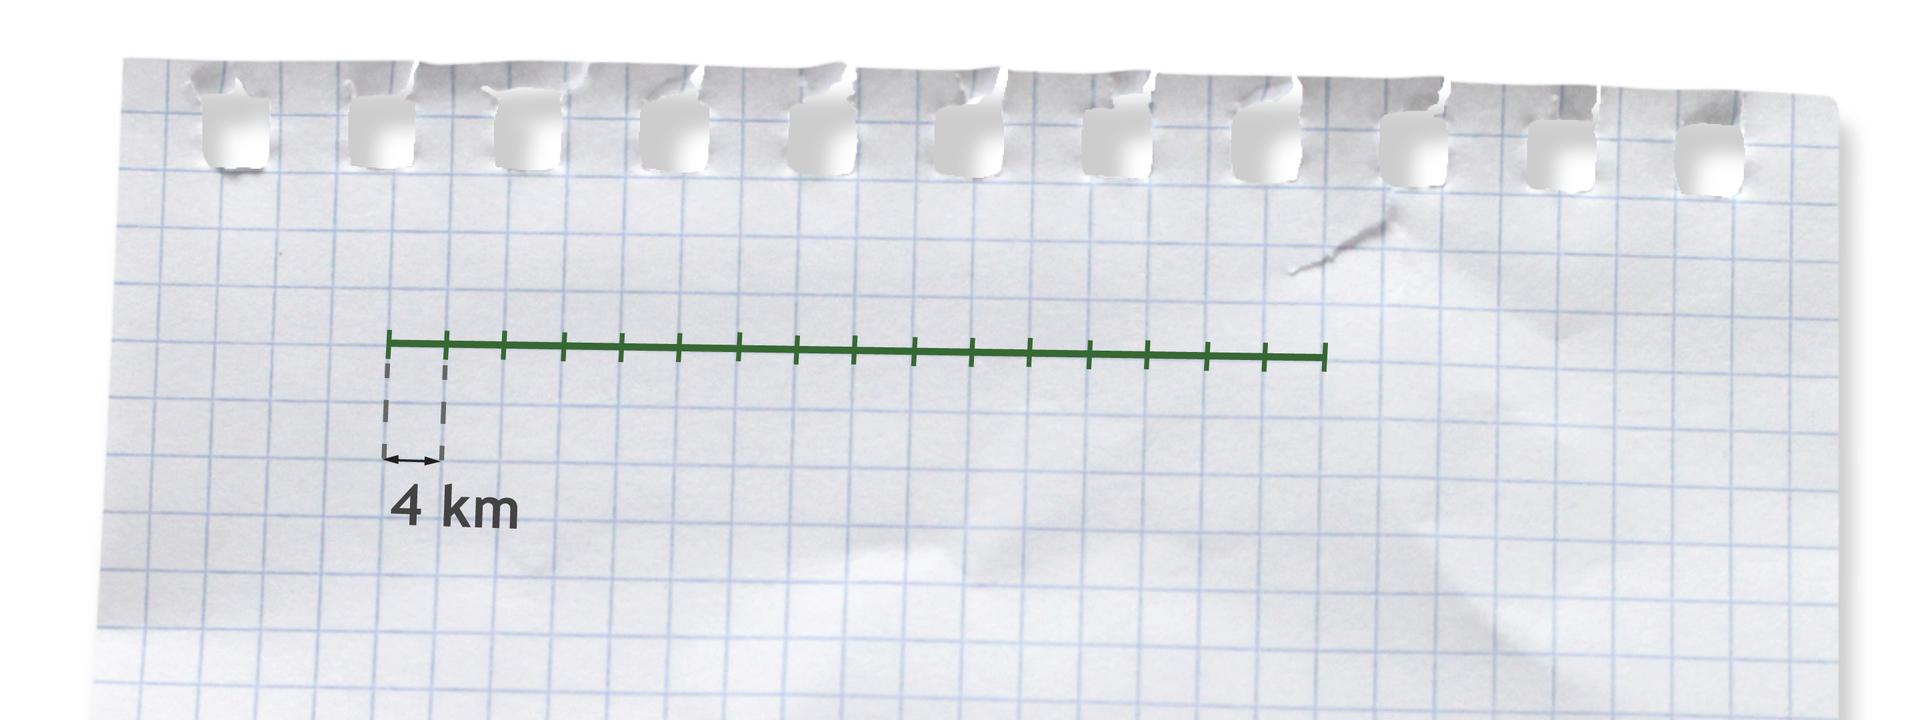 Rysunek odcinka podzielonego na szesnaście równych części. Każda część to 4 kilometry.